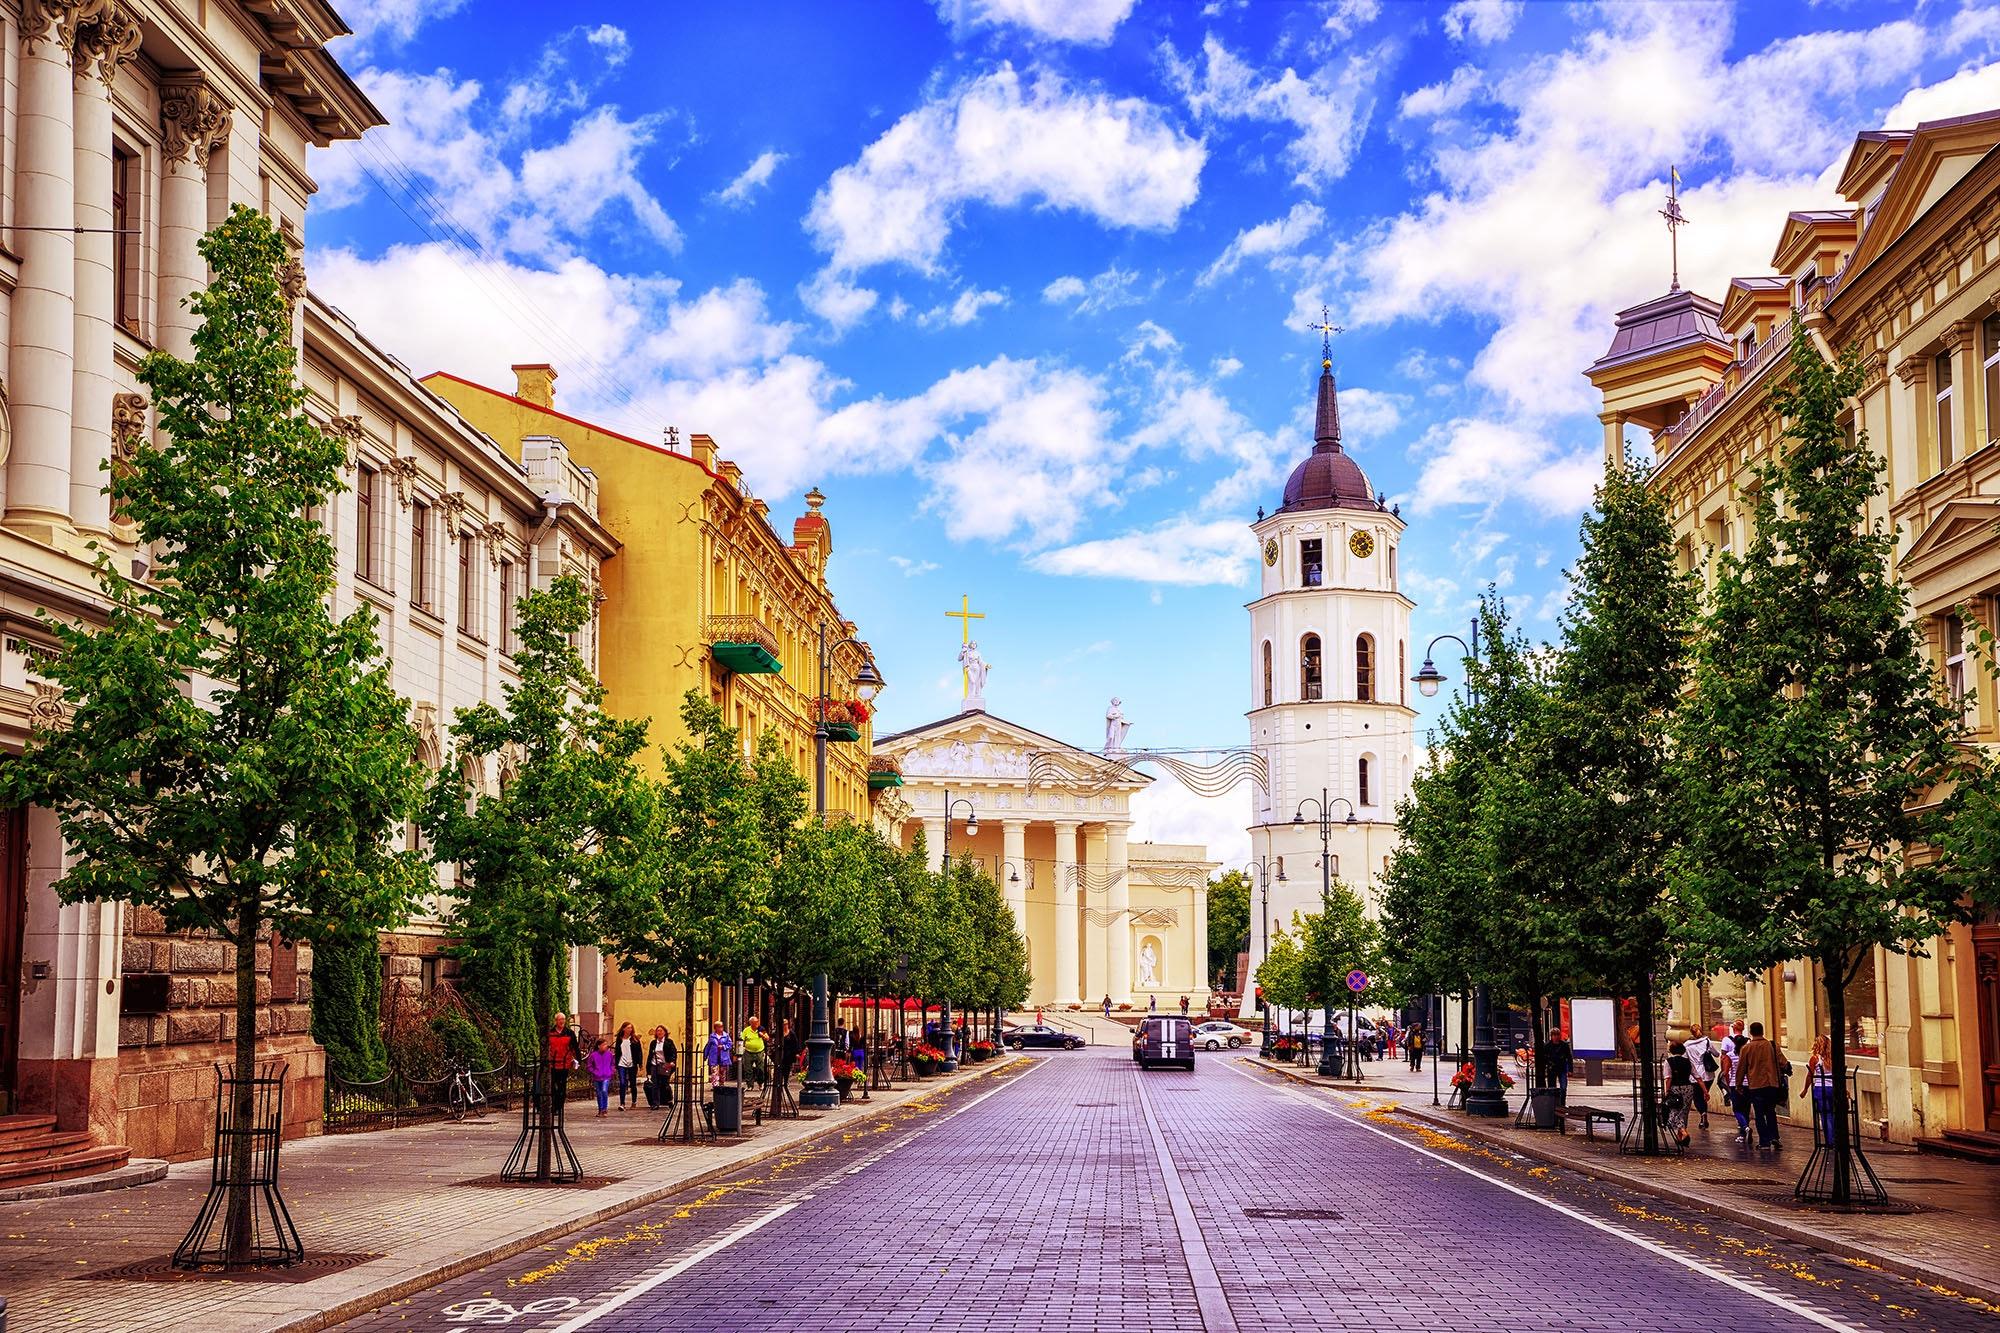 имеющим возможность вильнюс фото старого города пожаловать далекую